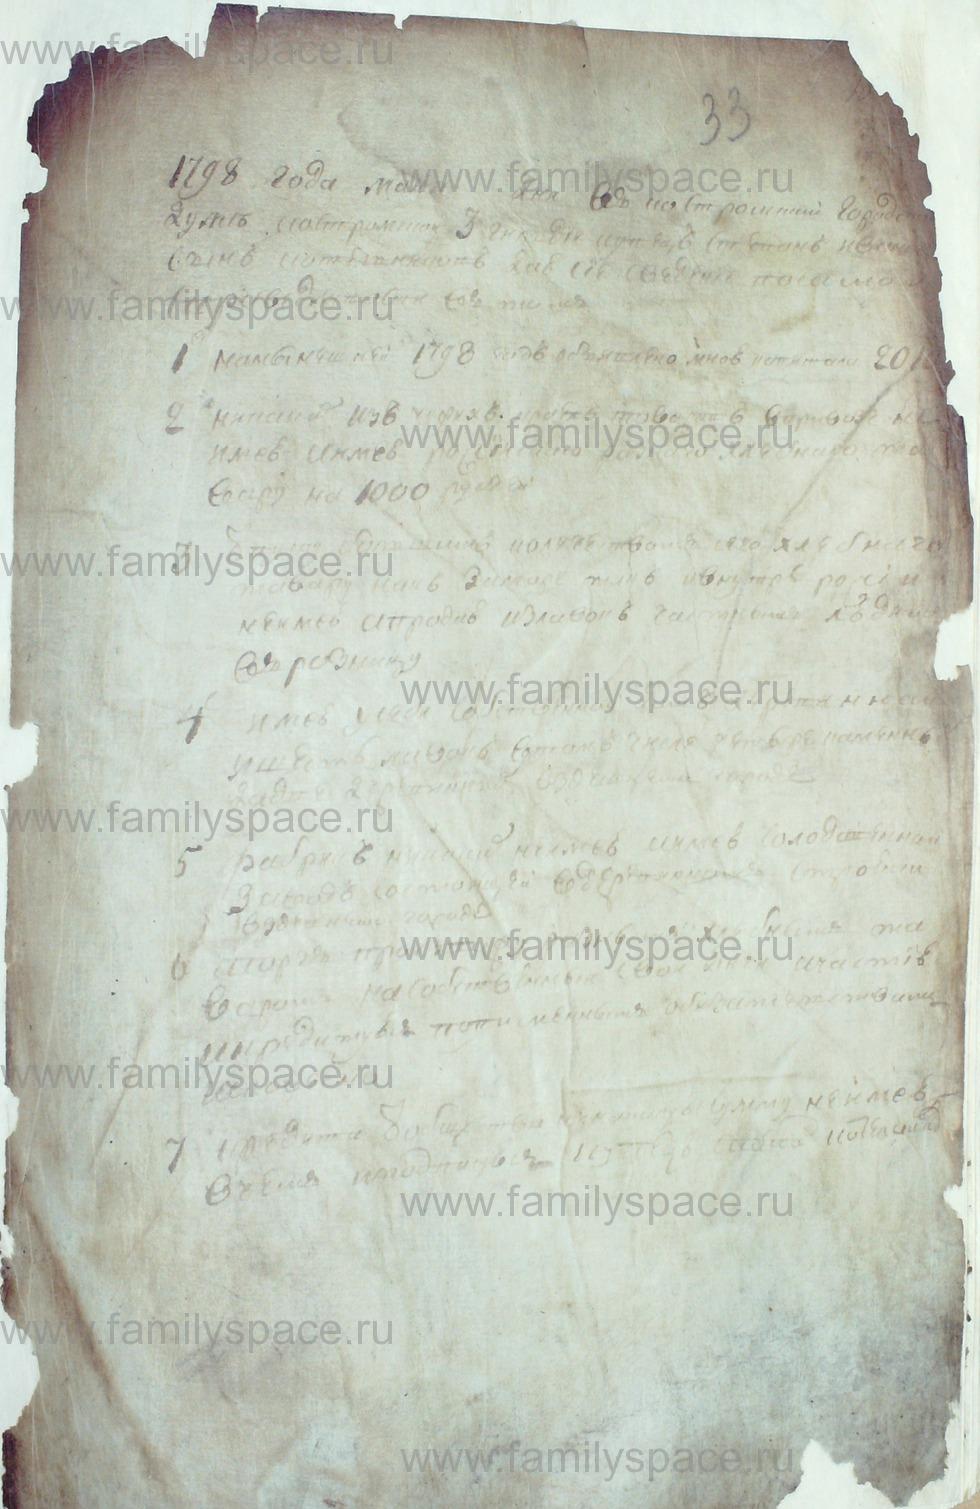 Поиск по фамилии - Сведения о купцах г. Кострома и их капиталах, страница 35